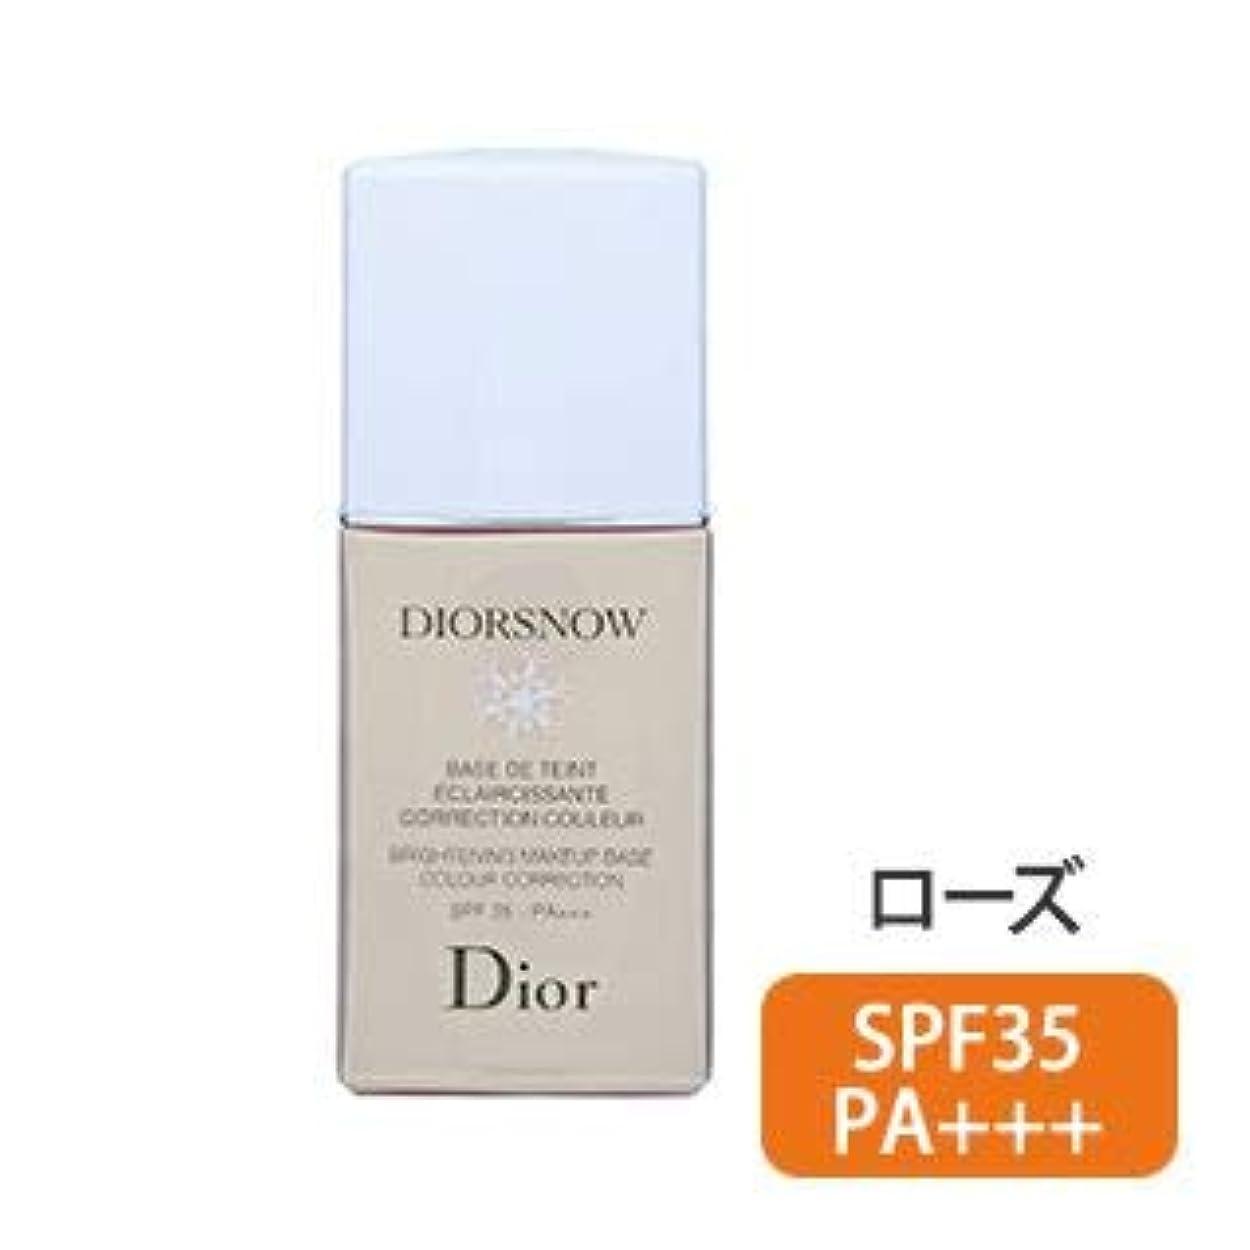 敬意を表して馬鹿バッジディオール(Dior) スノー メイクアップ ベース UV35 (ローズ) [並行輸入品]